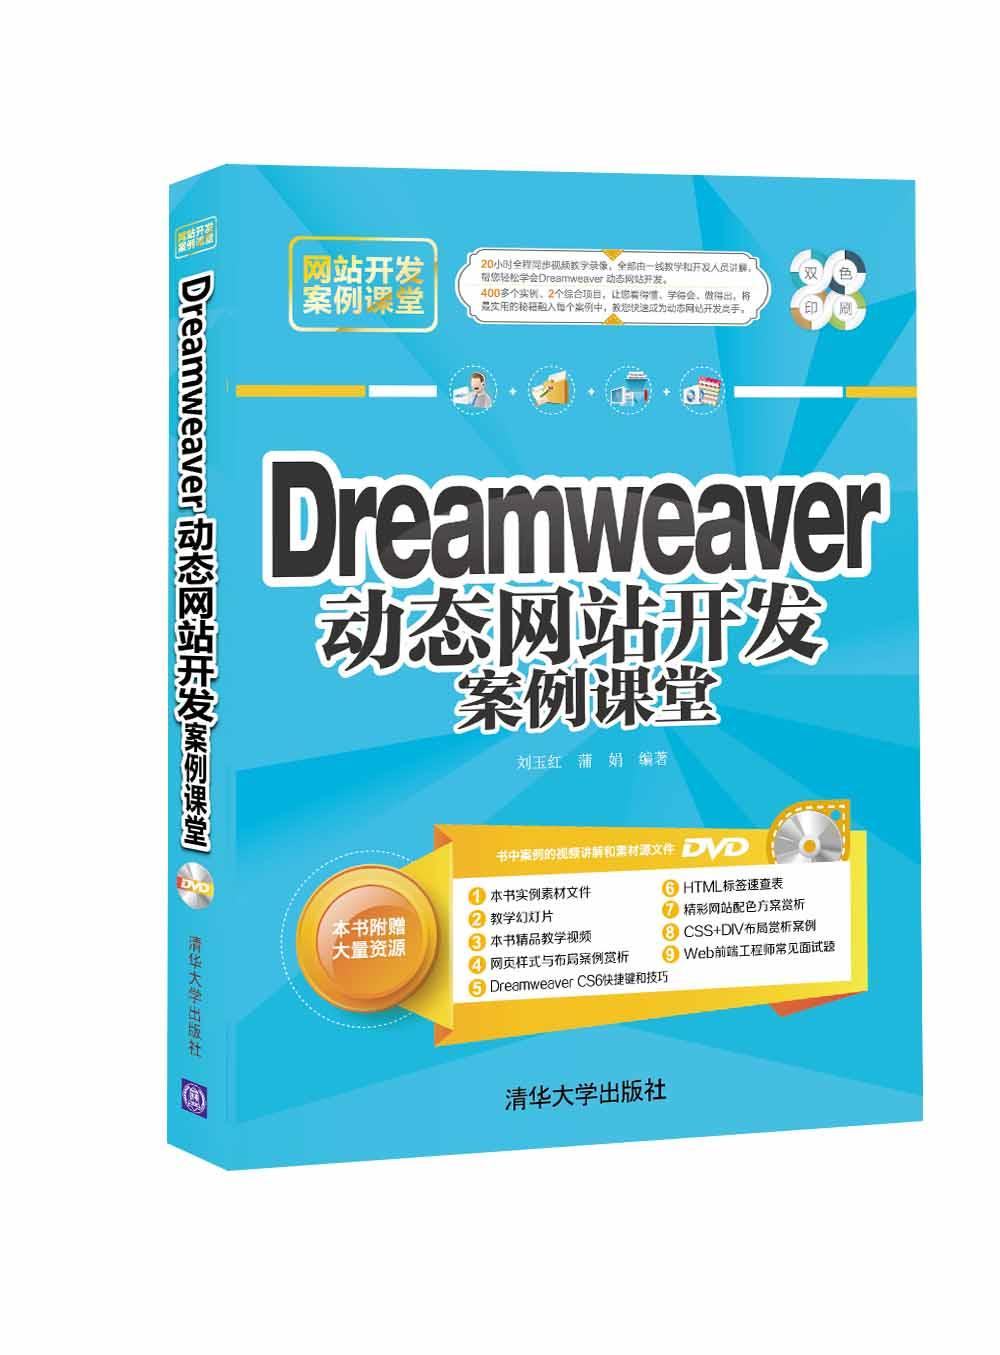 本书适合任何想学习dreamweaver开发动态网站的